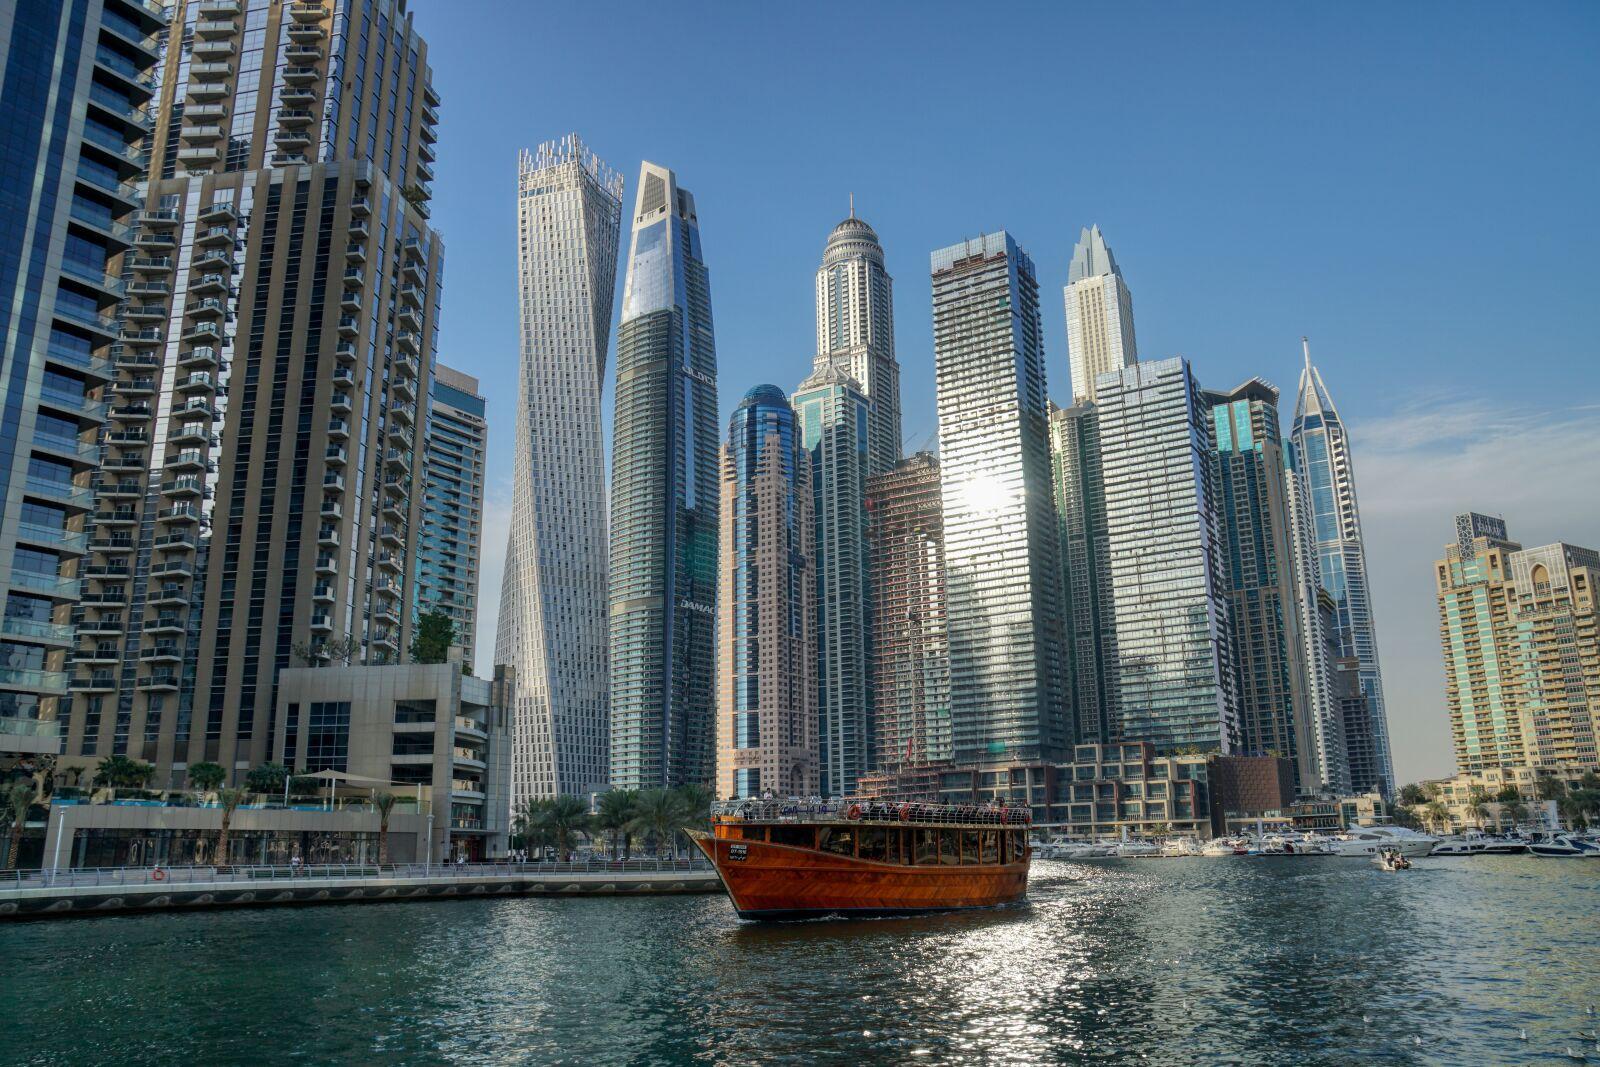 """Sony a6500 sample photo. """"Dubai, skyline, city"""" photography"""